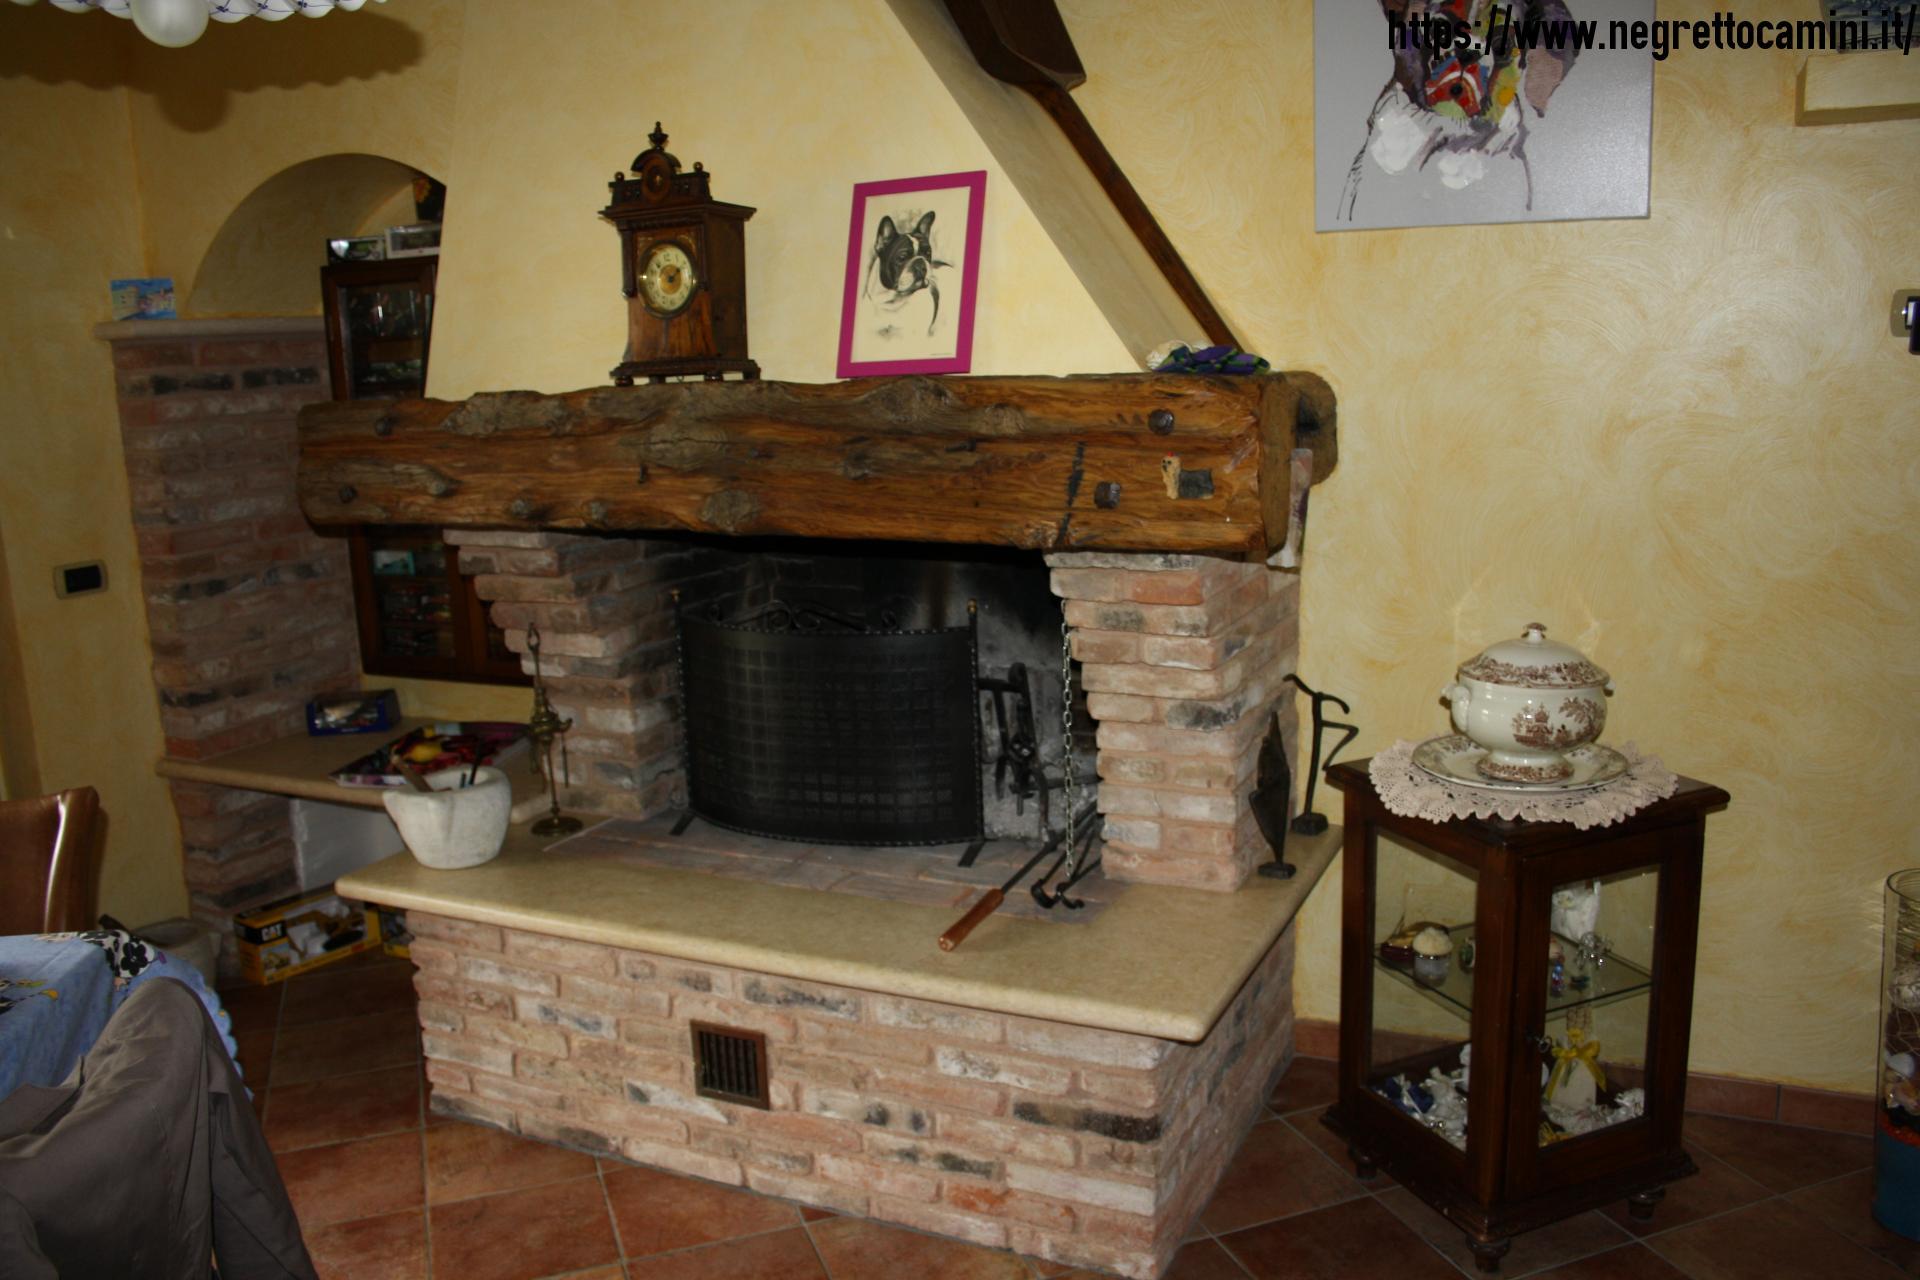 Camino rustico da taverna negretto camini d 39 autore for Camini rustici in pietra e legno